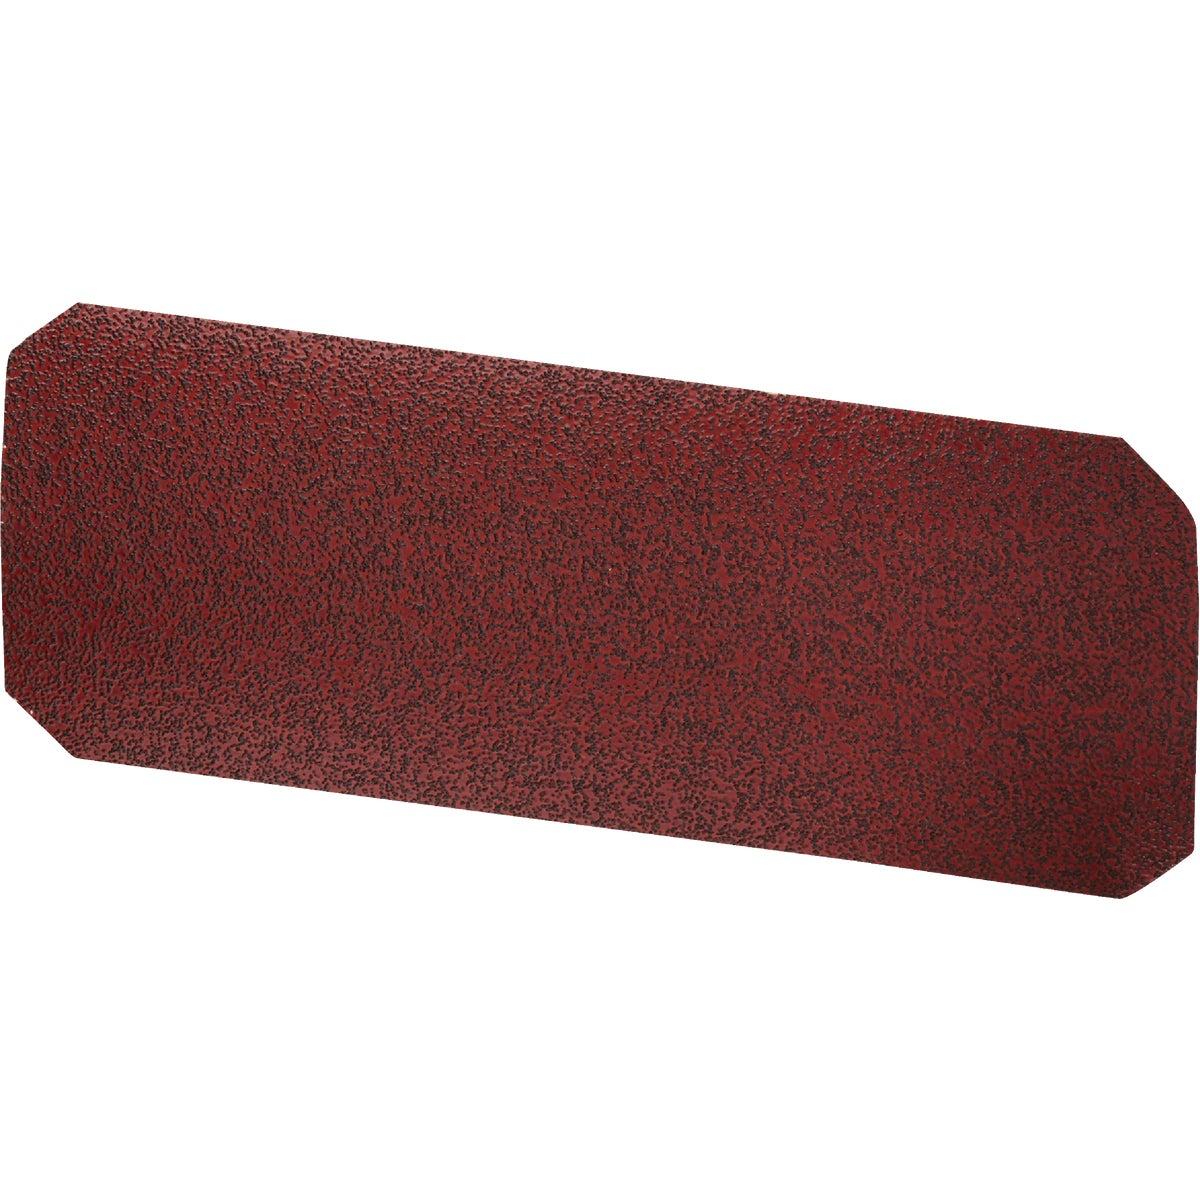 60G FLOOR SANDING SHEET